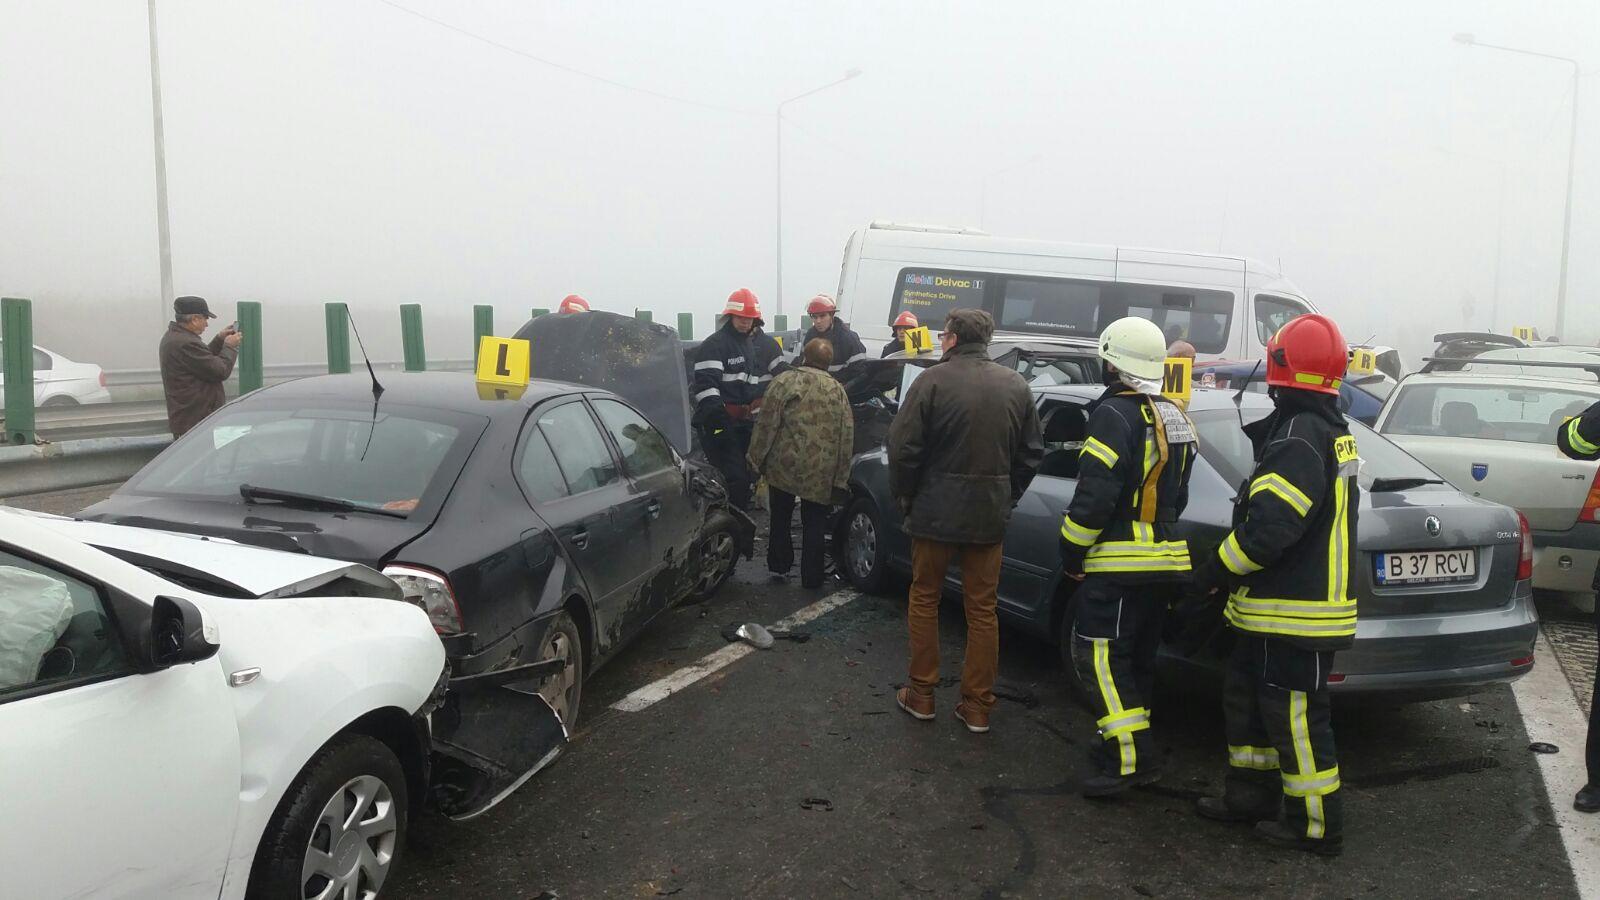 pompieri-accident-rutier-a2